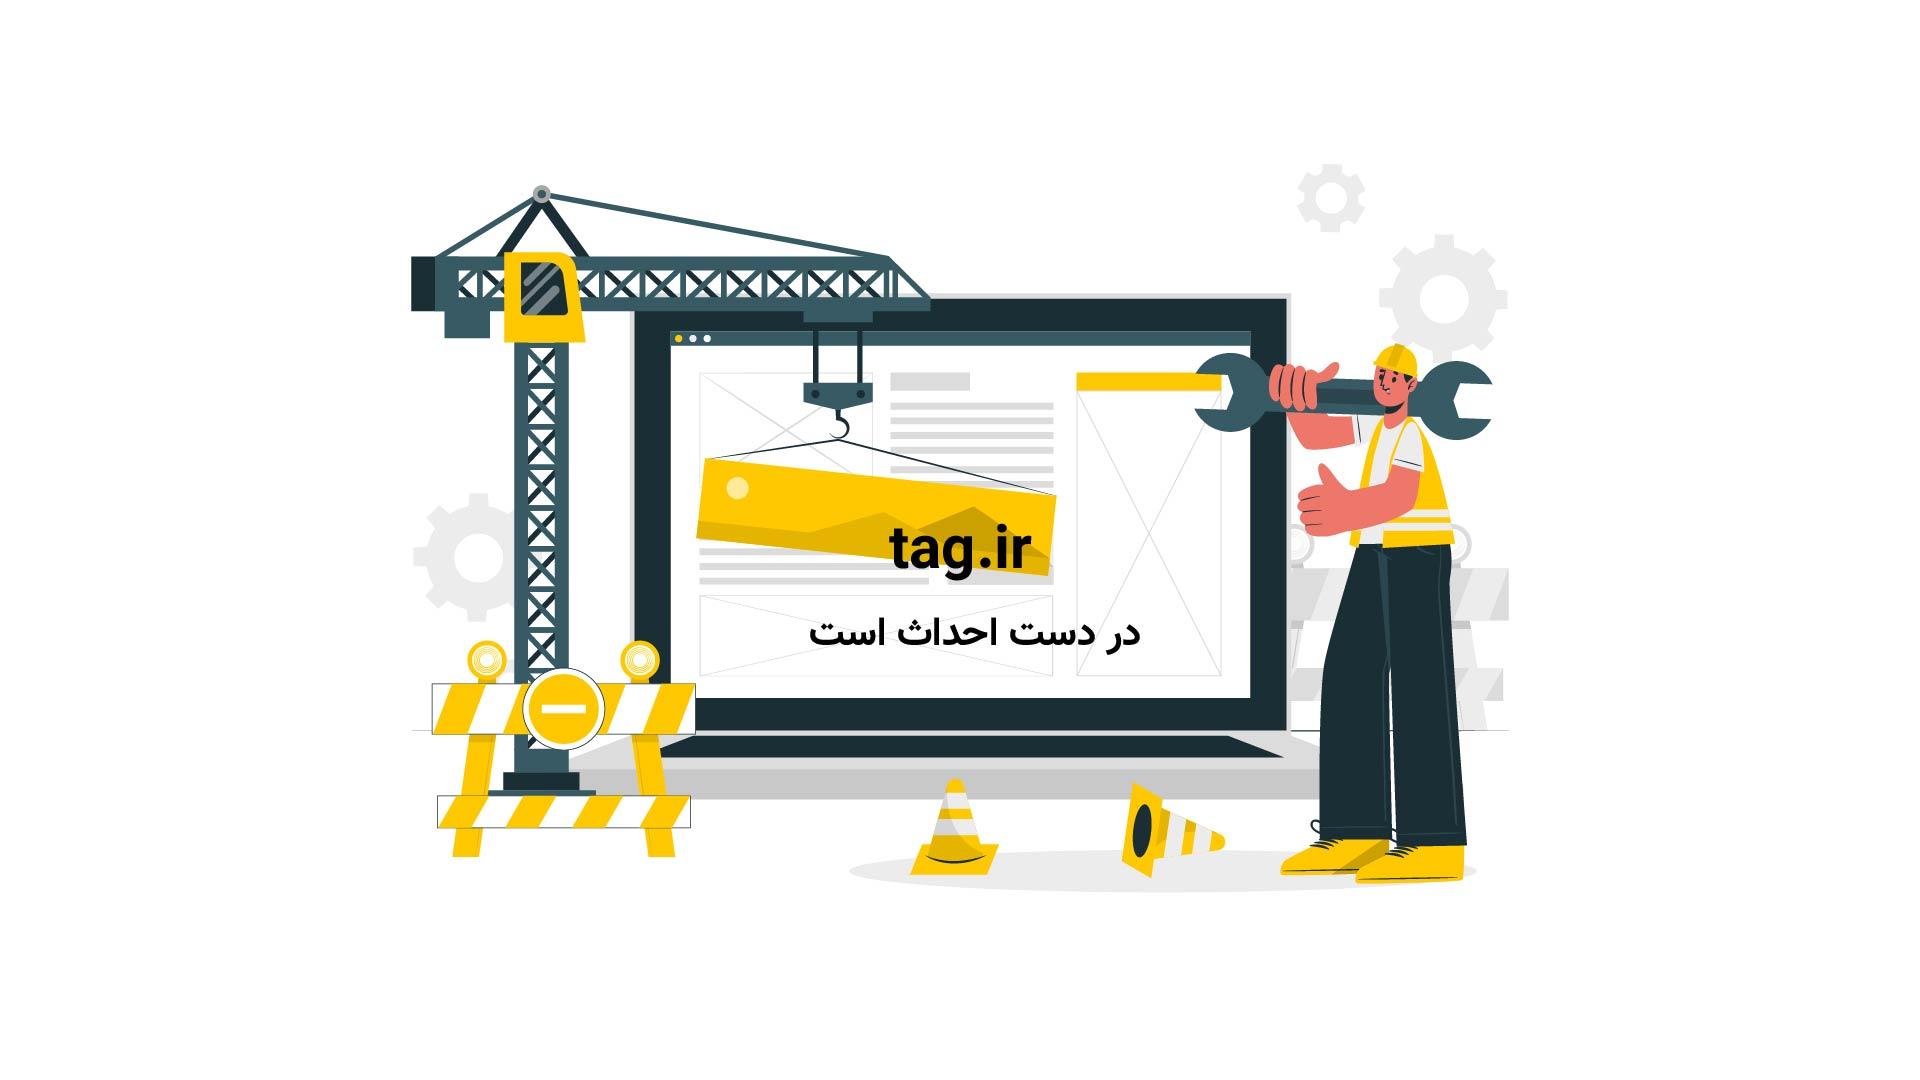 کار تیمی زیبا و گل زیباتر؛ دیدنیهای فوتبال|تگ